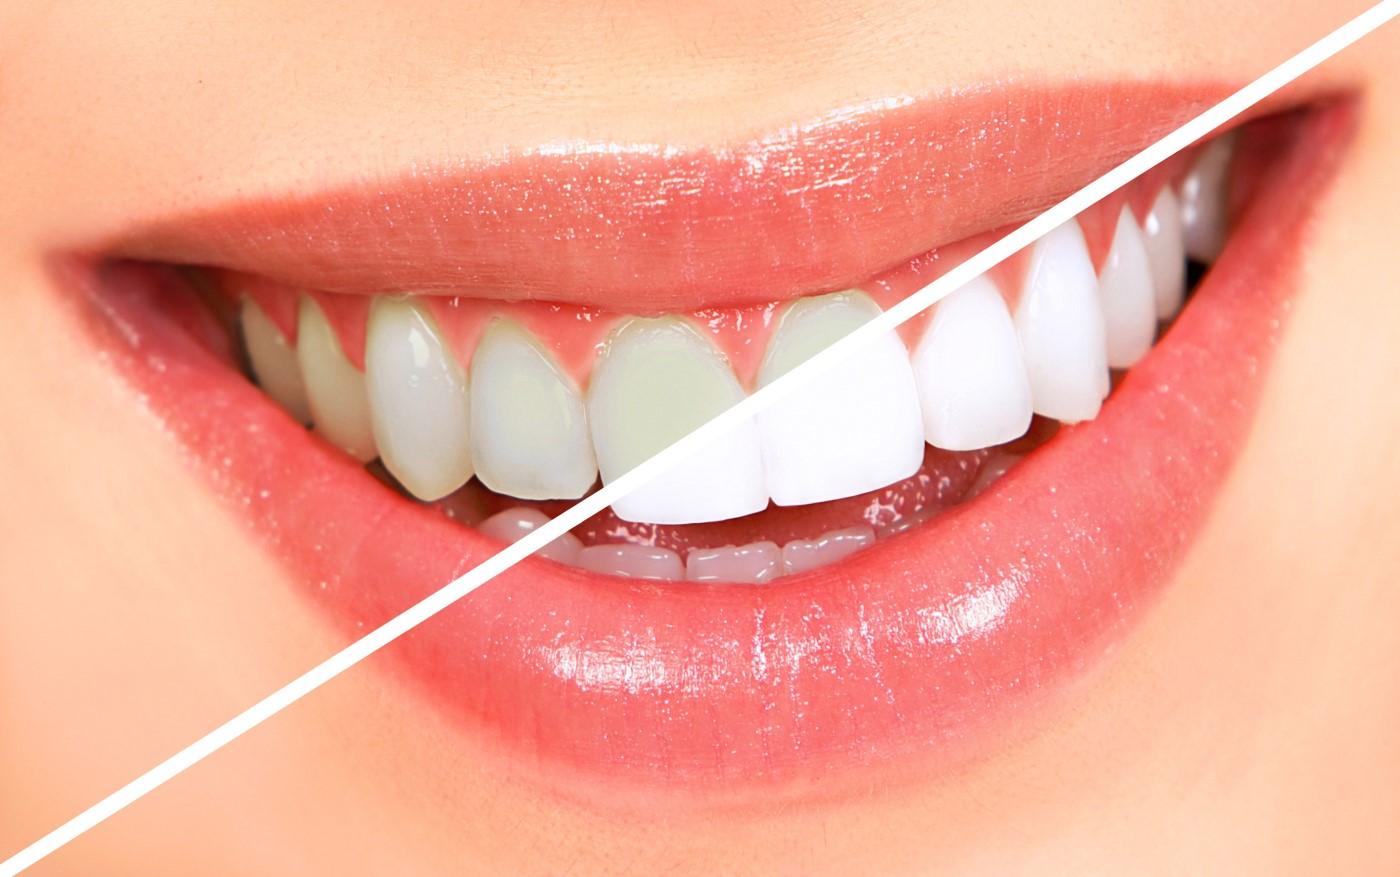 teeth look white